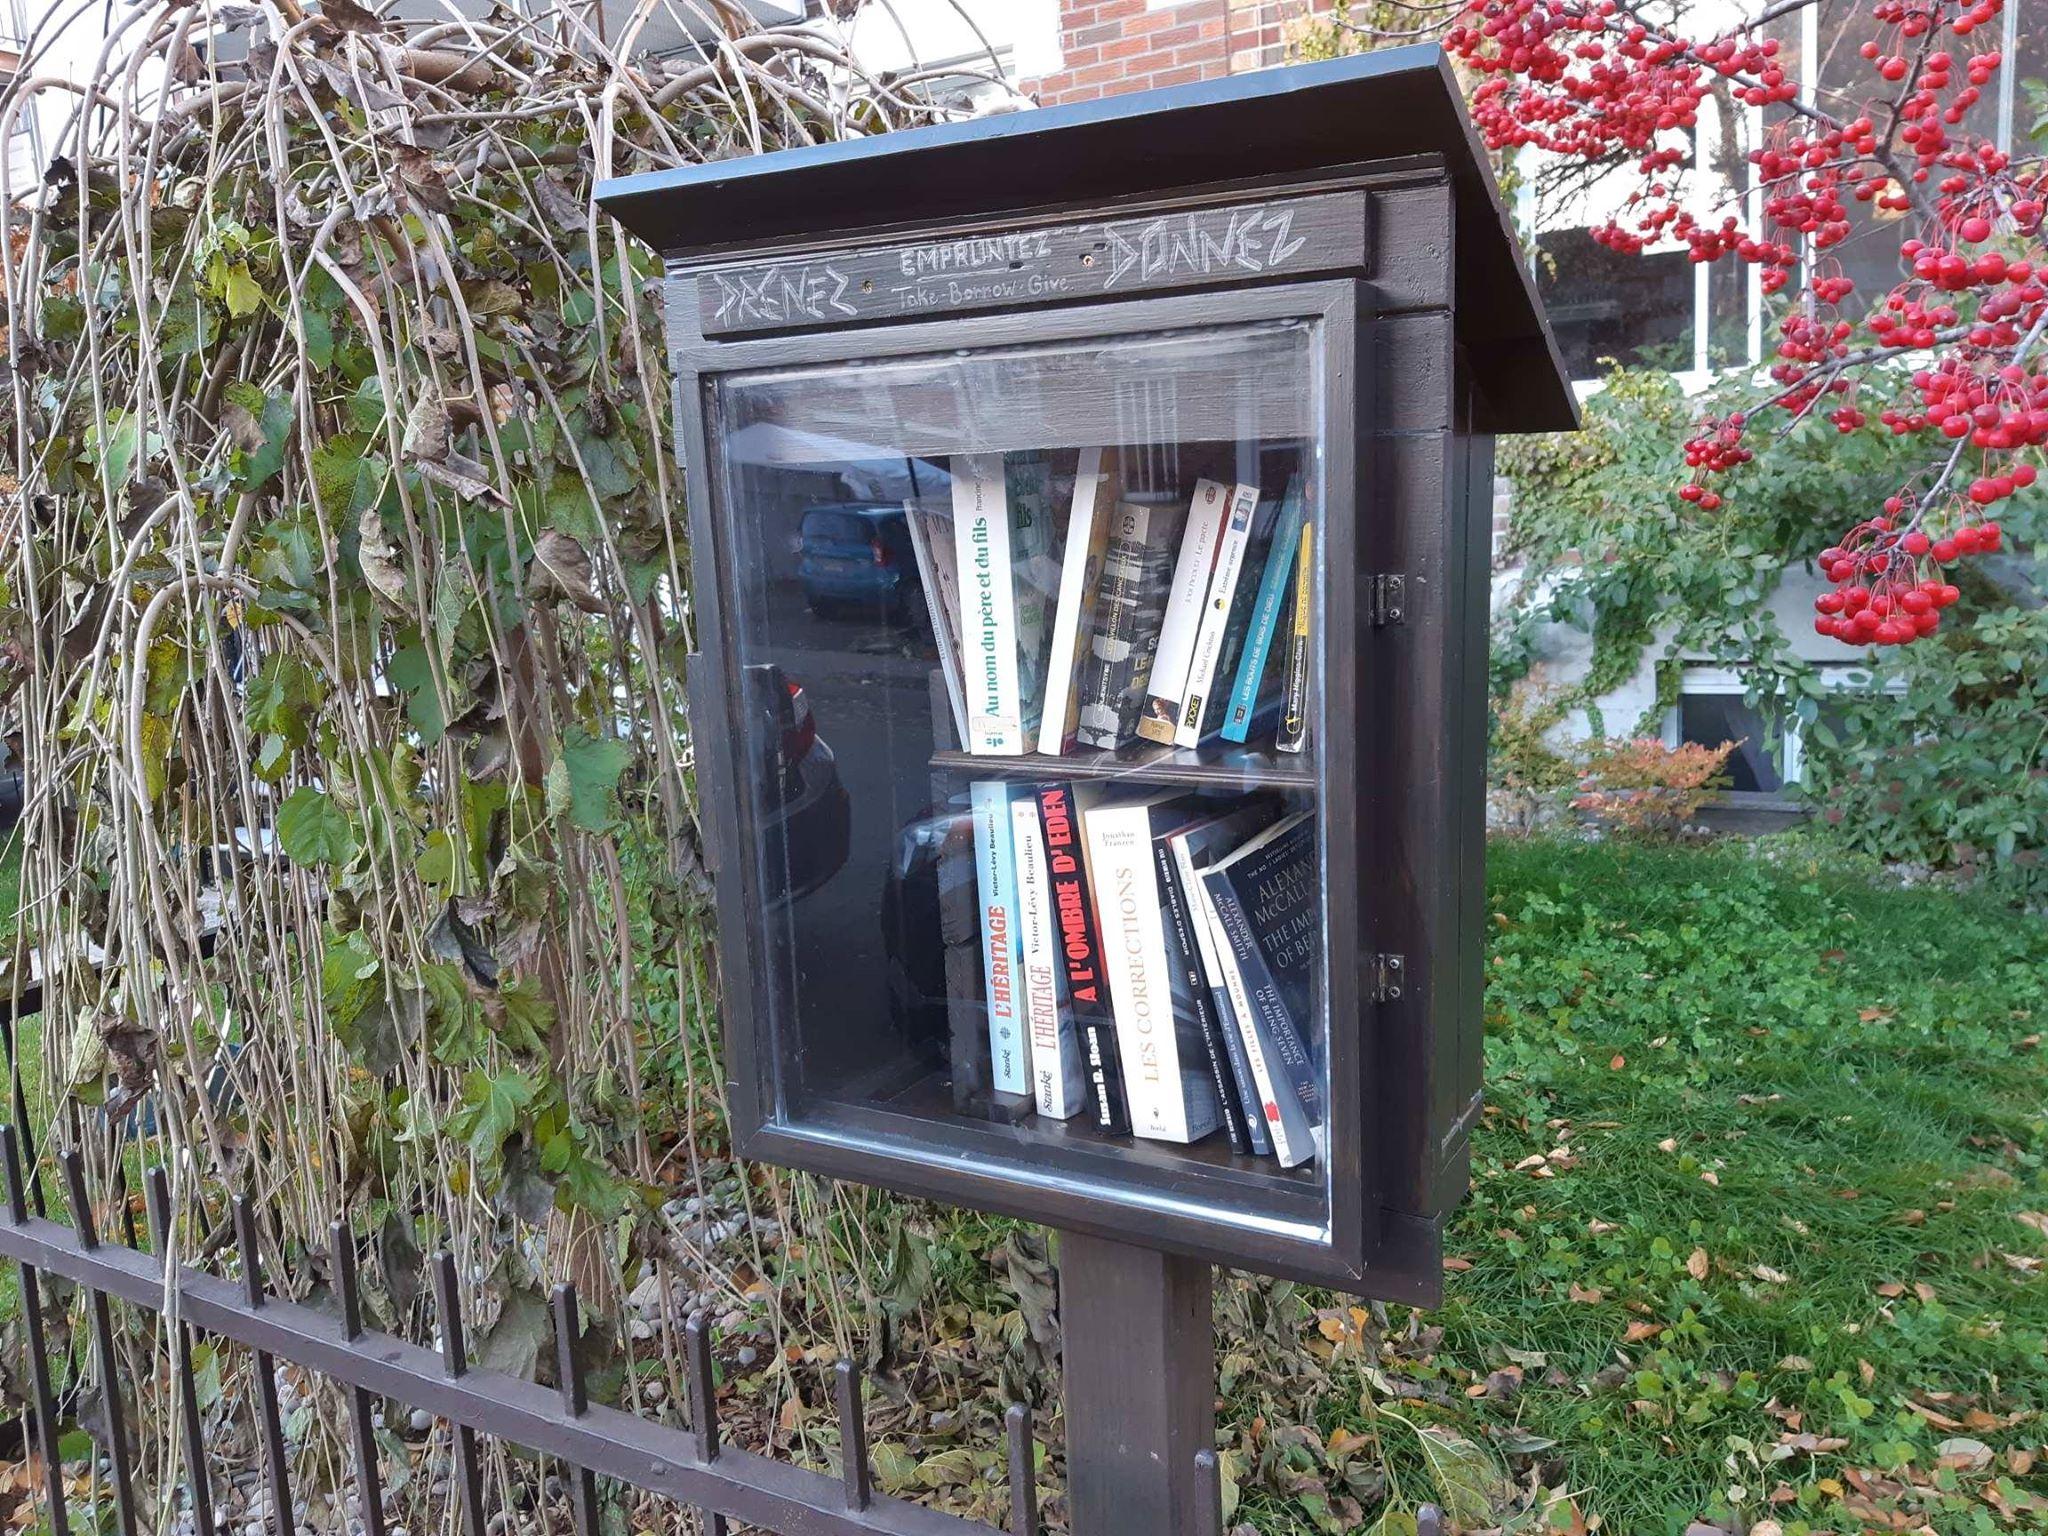 Une boîte à lire à Montréal. Un bon moyen d'échanger des livres entre citoyens